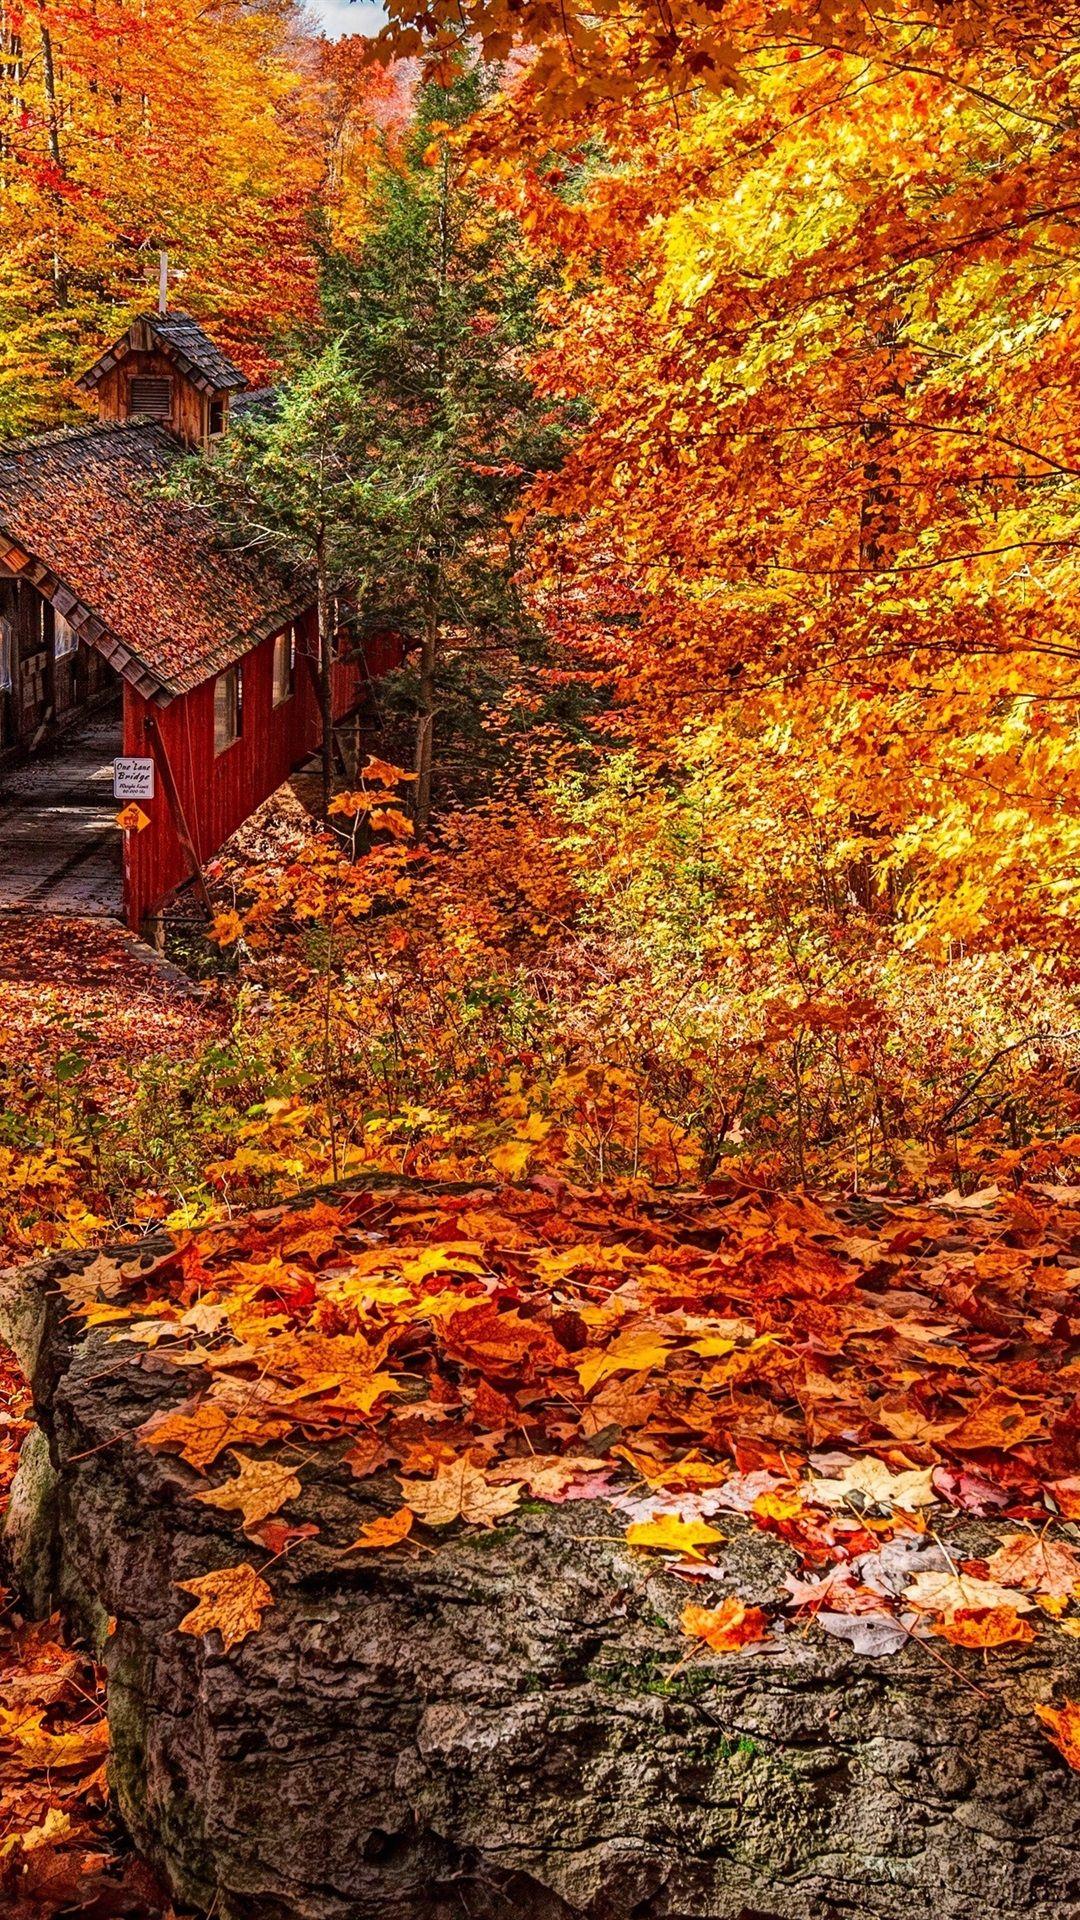 最高の壁紙 人気の壁紙 Iphone 壁紙 秋 美しい風景 ランダム